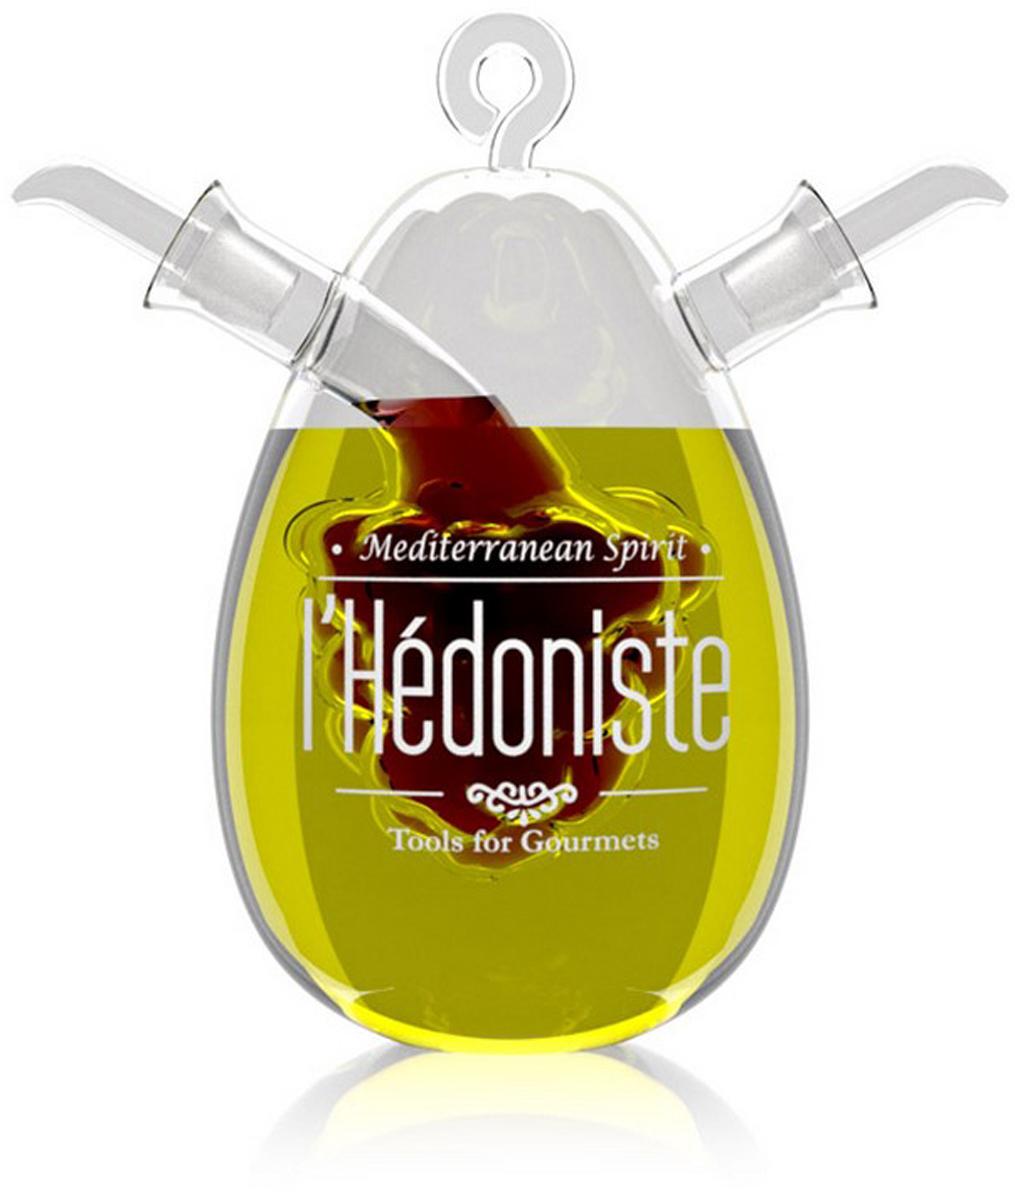 Набор для масла и уксуса Balvi lHedoniste, цвет: прозрачныйSC-FD421004Оригинальным украшением любого стола послужит набор для масла и уксуса lHedoniste. Необычная задумка дизайнера удивит даже самых придирчивых гостей. Он выполнен из прочного стекла и представляет собой 2 сосуда - один находится в другом. Как правило, туда наливают бальзамический уксус и оливковое масло. Вместо уксуса можно налить соевый или любой другой соус, но красивее, конечно, будут смотреться жидкости с контрастными цветами. Этот аксессуар подойдет к кухне, оформленной в любом стиле - везде он впишется и будет уместен.-Изготовлен из стекла-Оригинальный дизайн-Съемные дозаторы позволят легко наполнить сосуды-Объем большого сосуда - 400 мл, малого- 40 мл